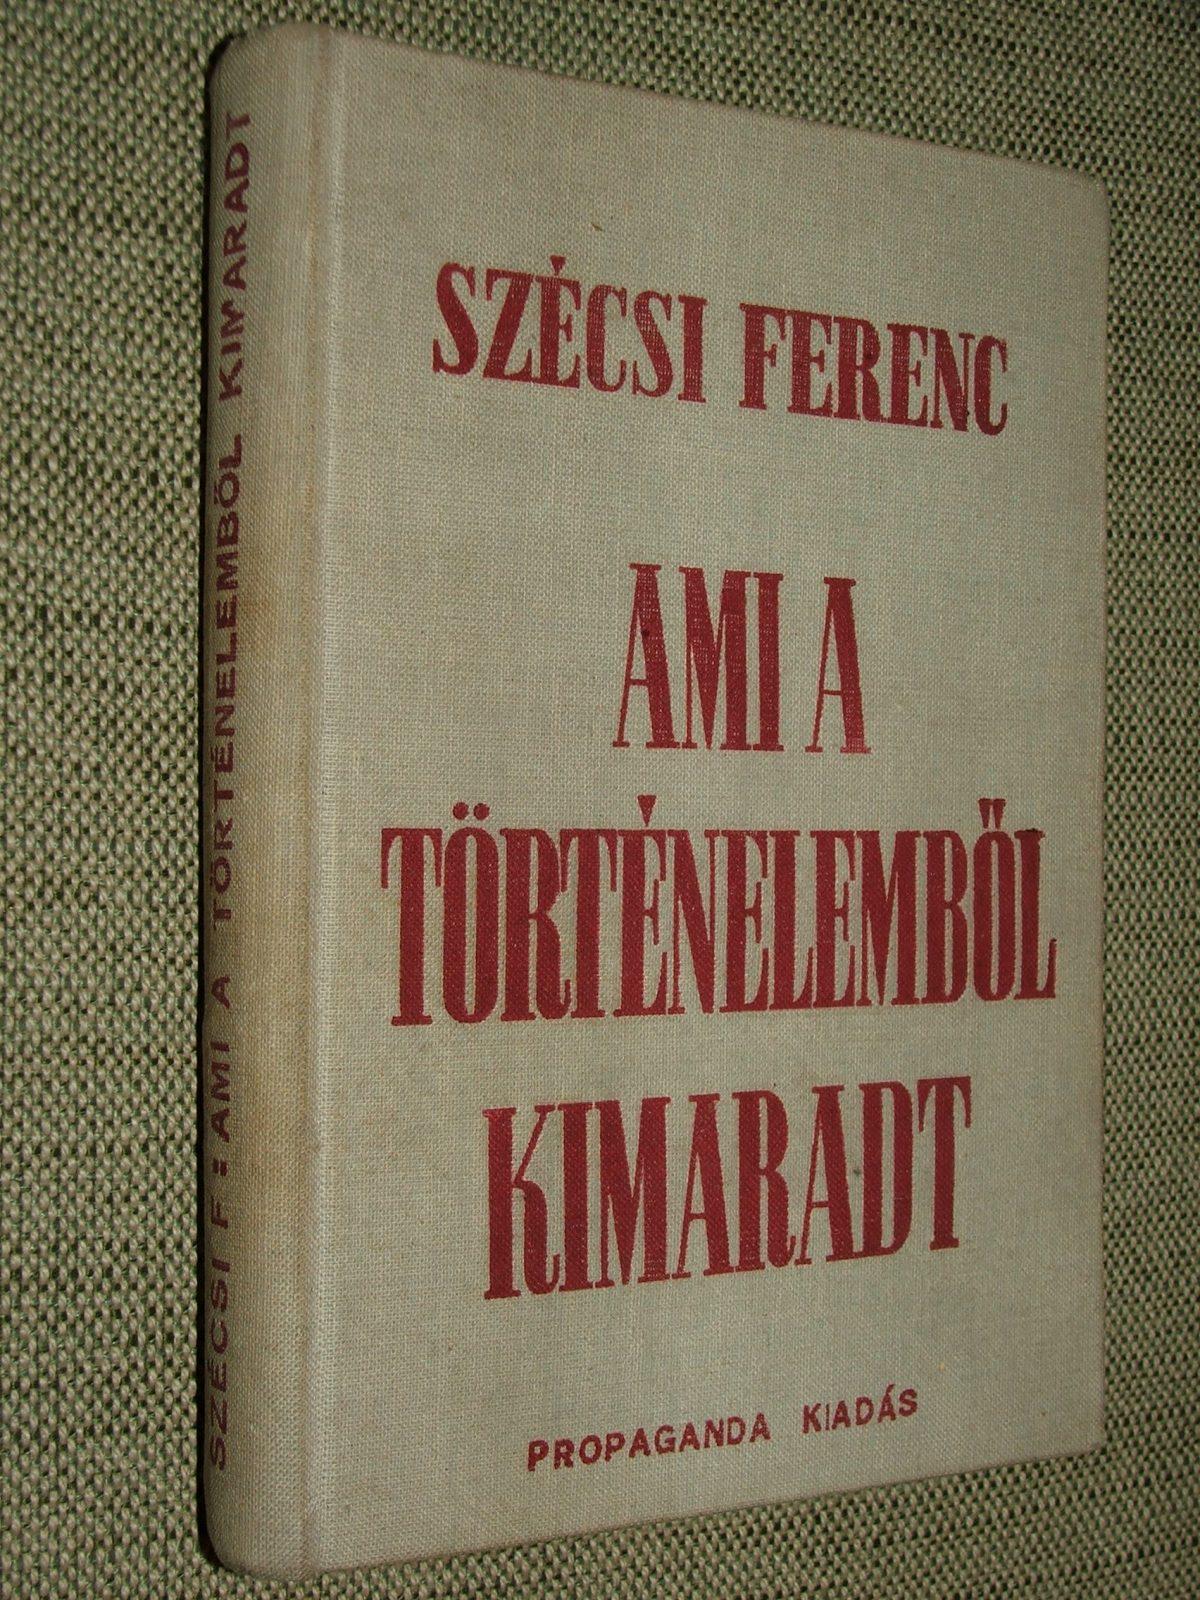 SZÉCSI Ferenc: Ami a történelemből kimaradt